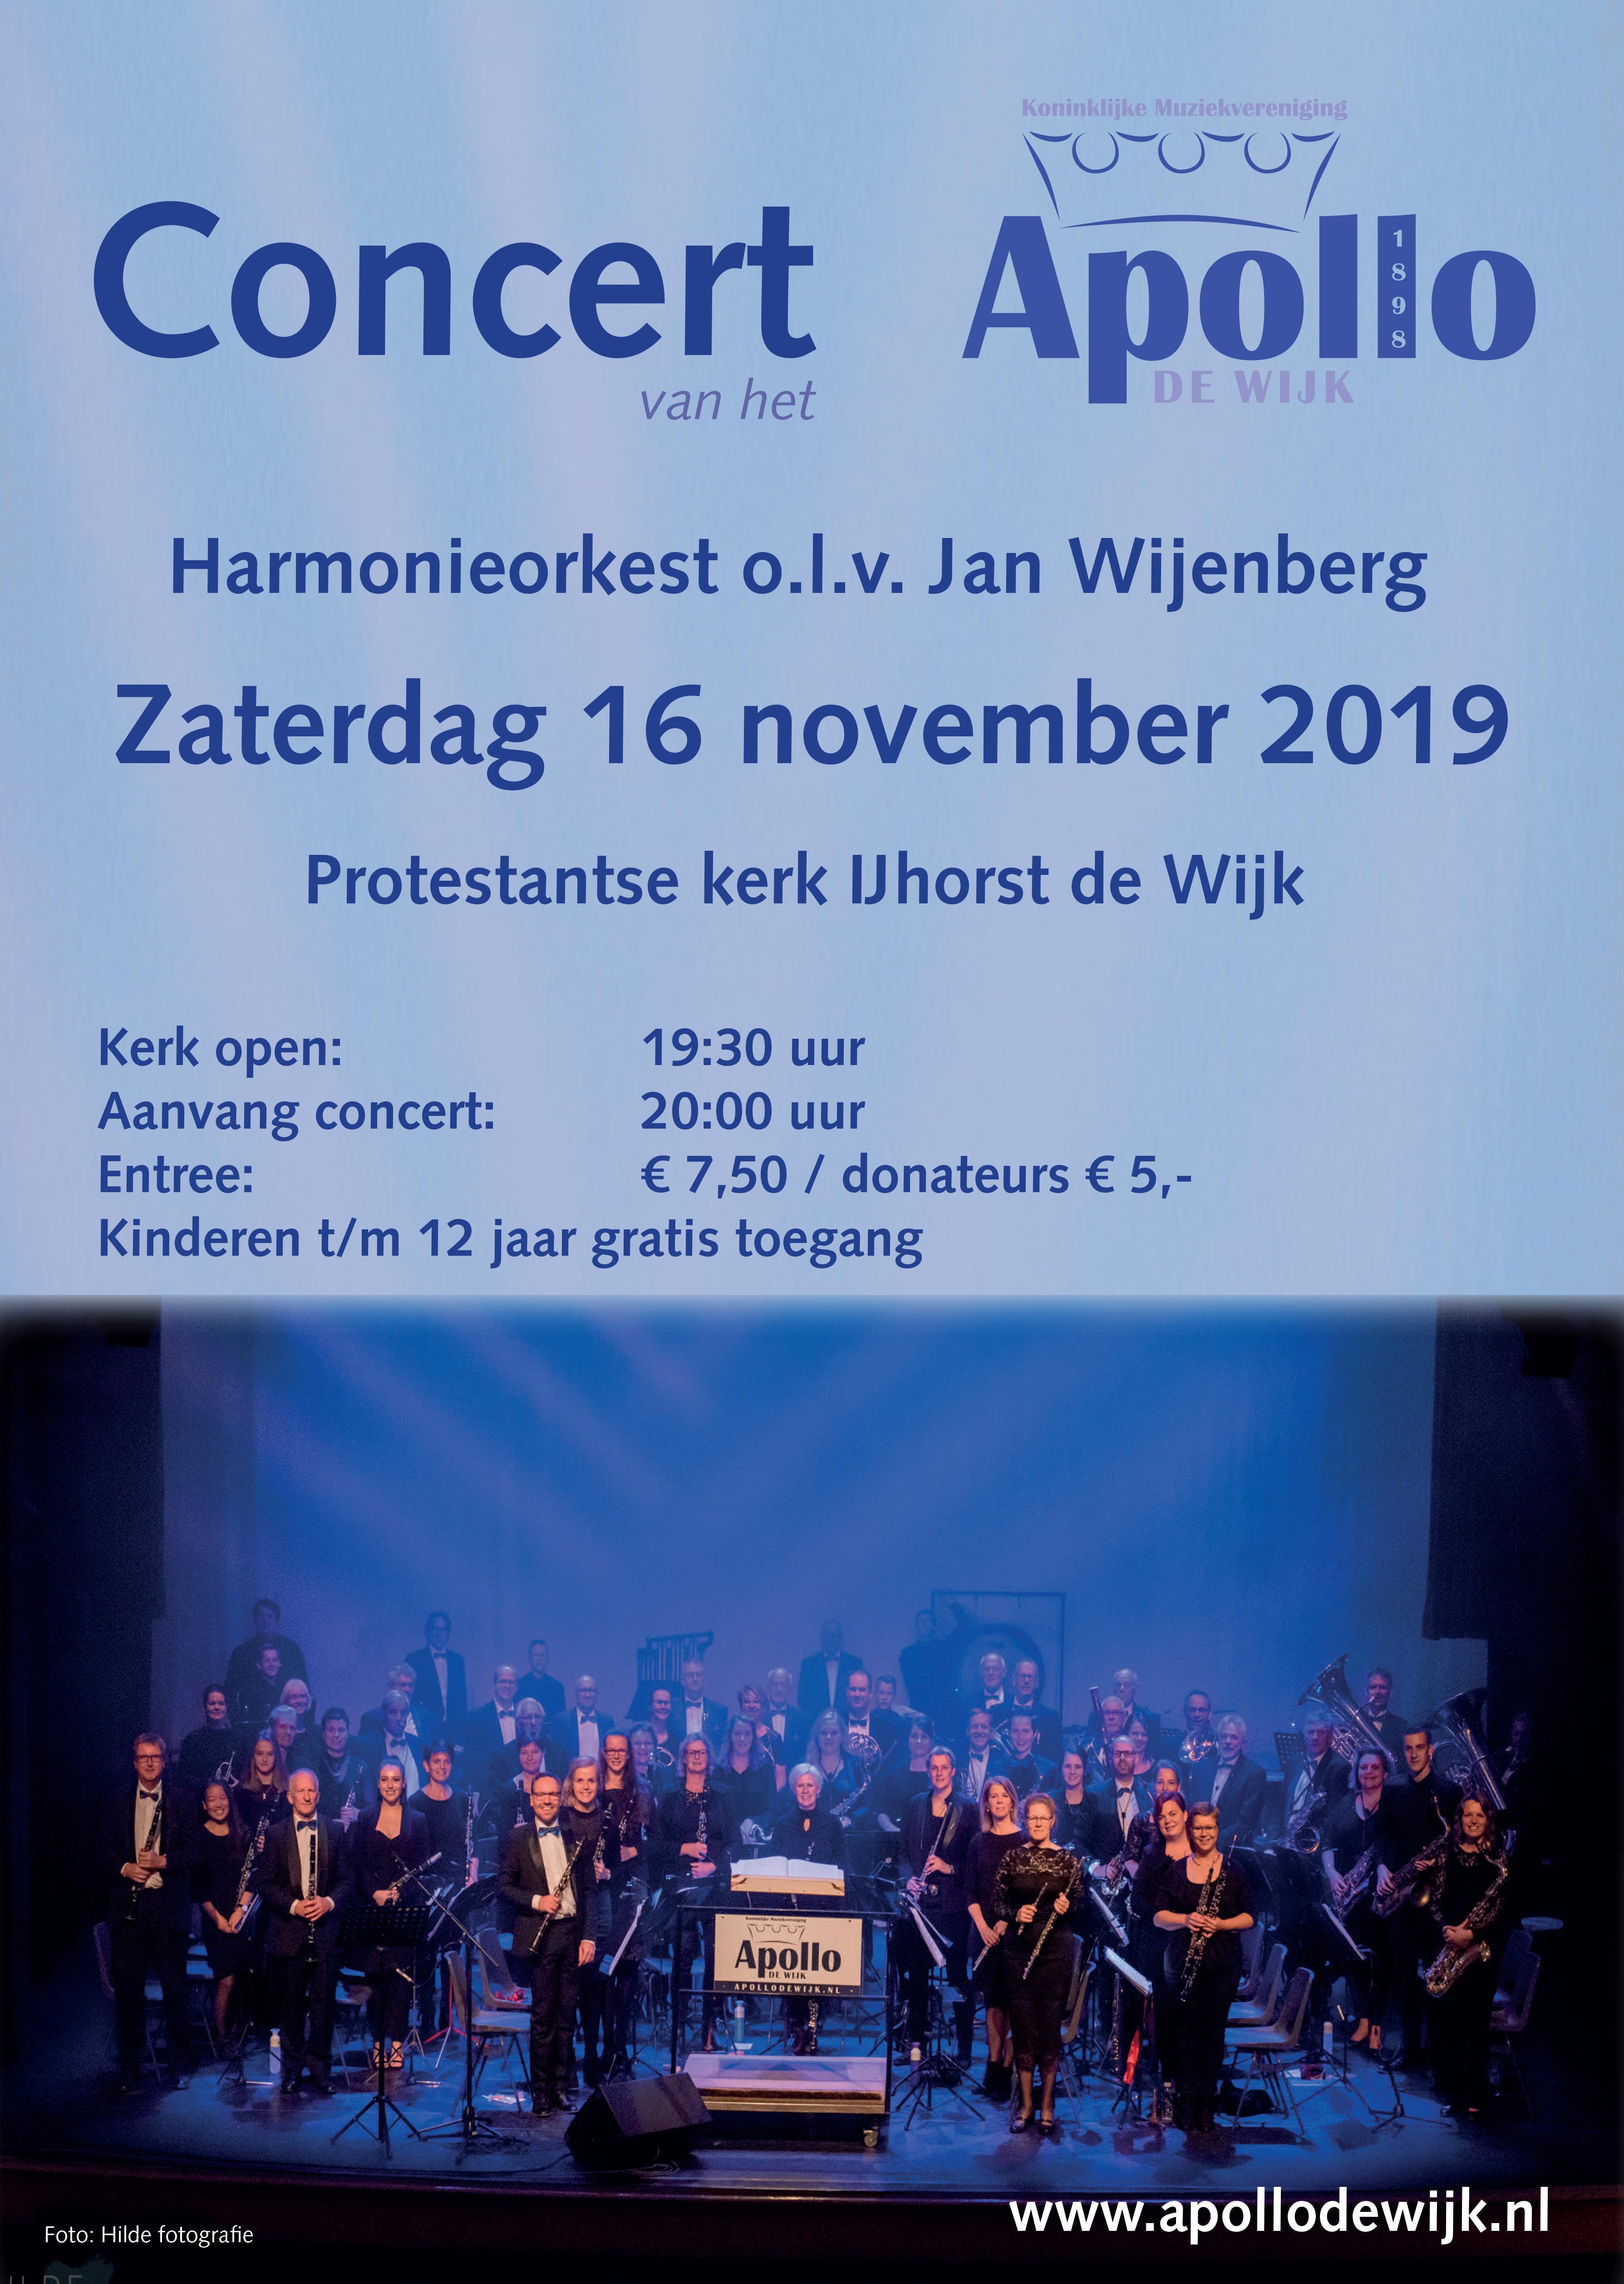 Concert Apollo De Wijk 16-11